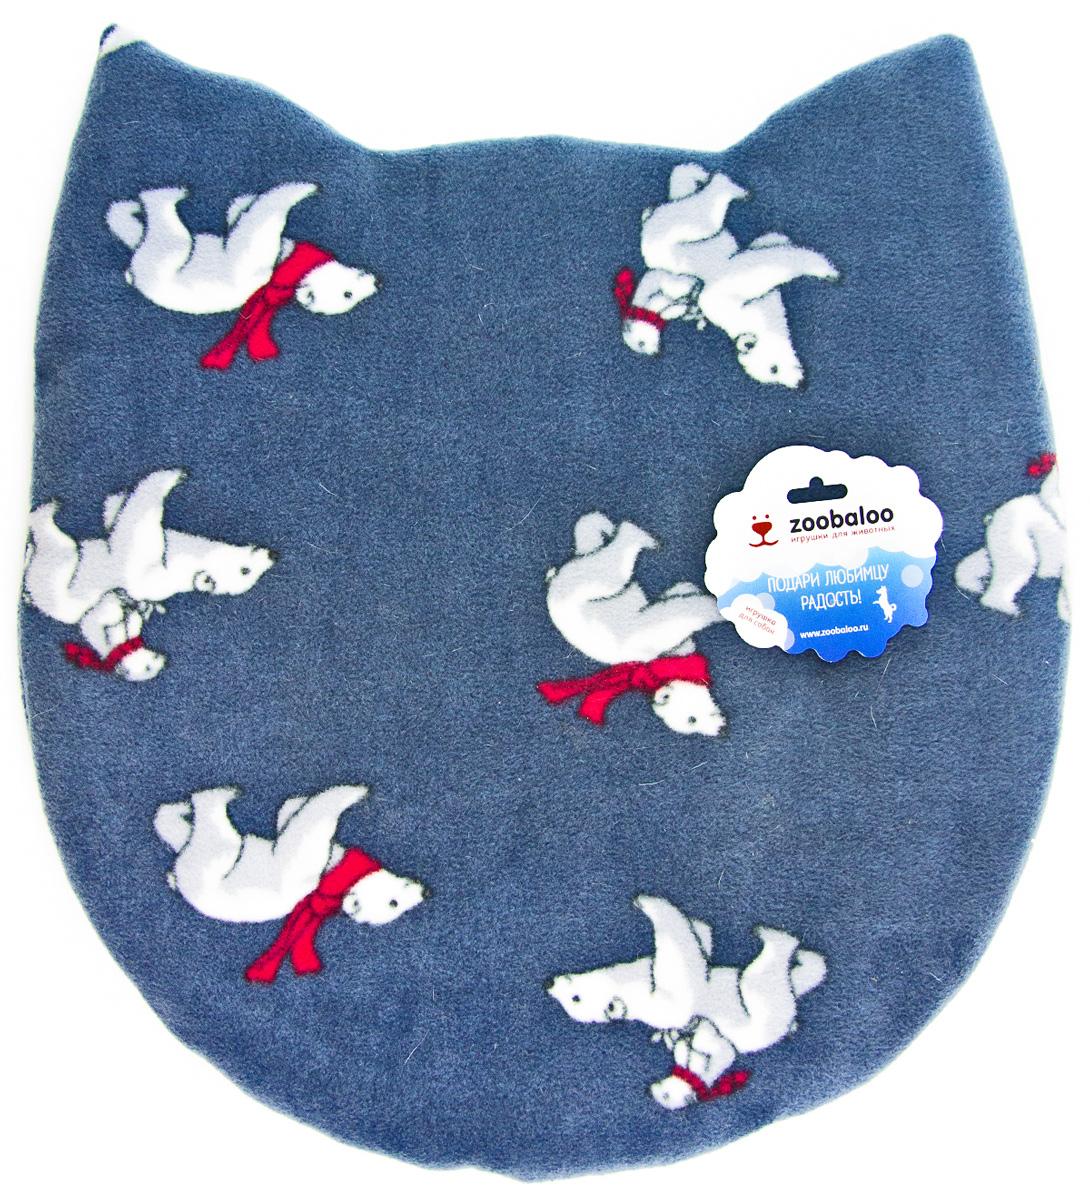 Лежак-коврик для животных Zoobaloo Мордашка. Мишки, 45 х 50 см0120710Великолепный флисовый лежак-коврик Zoobaloo - это отличный аксессуар для вашего питомца, на котором можно спать, играться и снова, приятно устав, заснуть. Он идеально подходит для полов с любым покрытием. Изделиеподдерживает температурный баланс вашего питомца в любоевремя года. Наполнитель выполнен из синтепона.